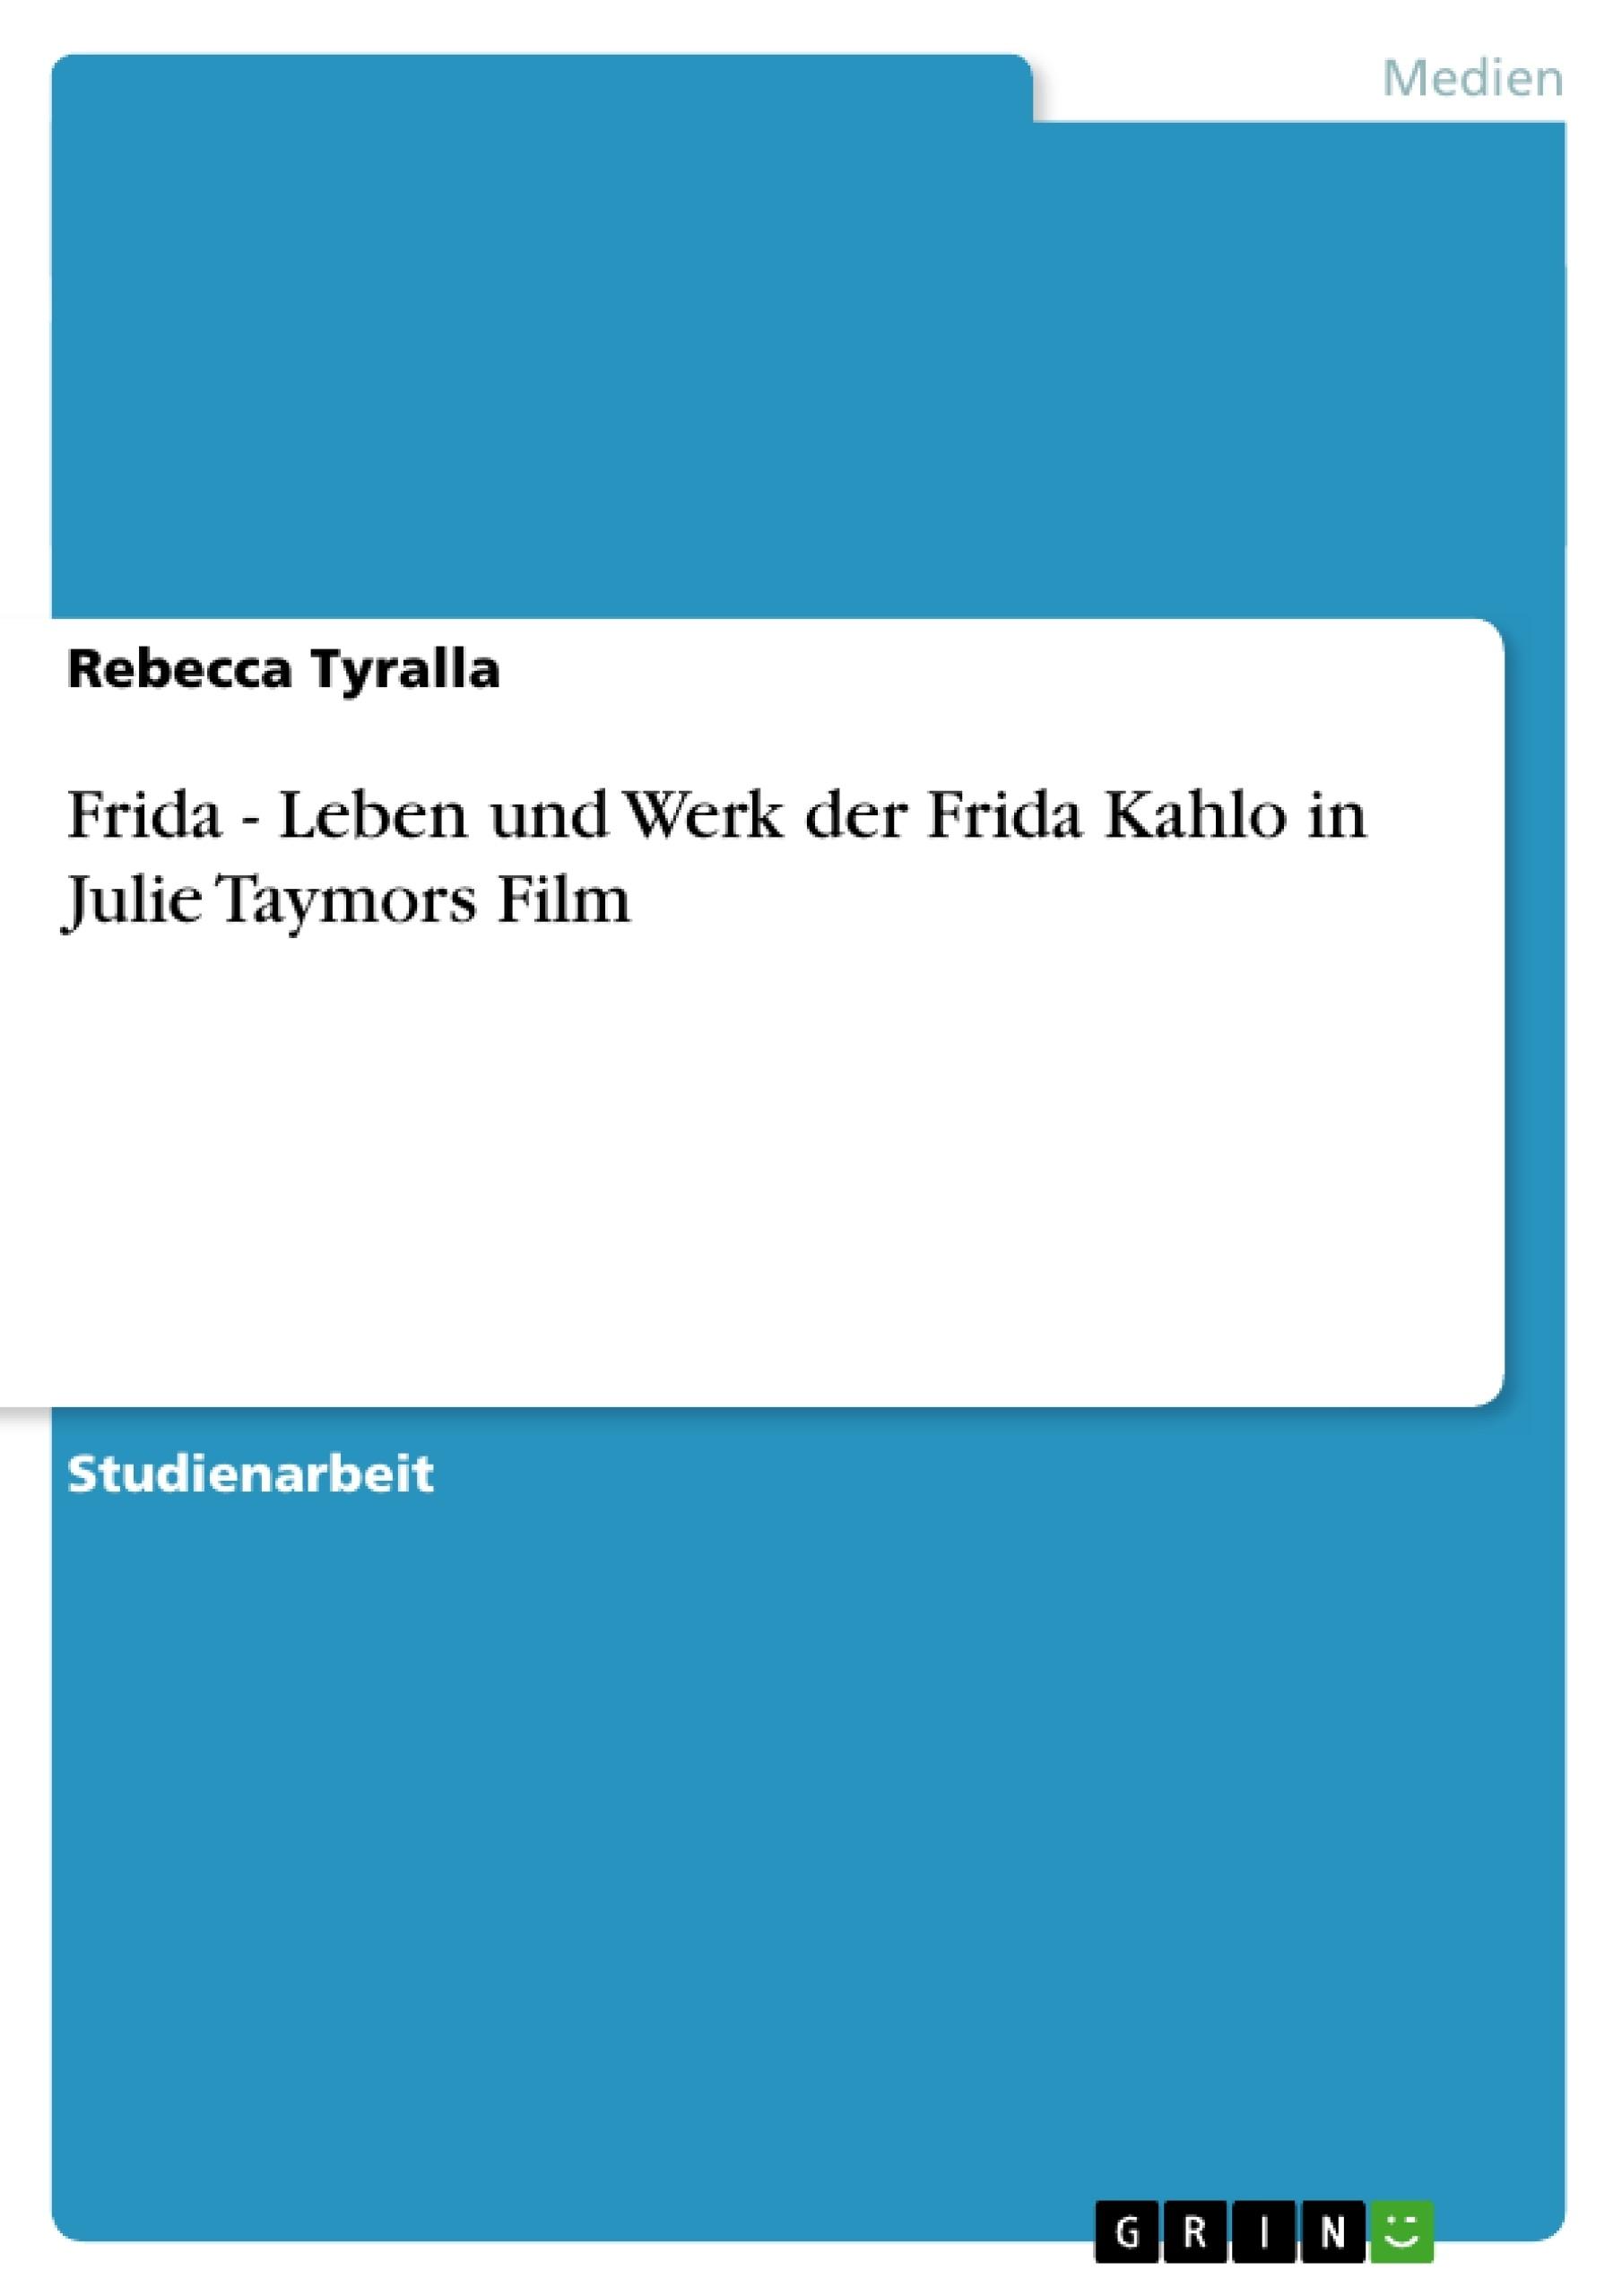 Titel: Frida - Leben und Werk der Frida Kahlo in Julie Taymors Film